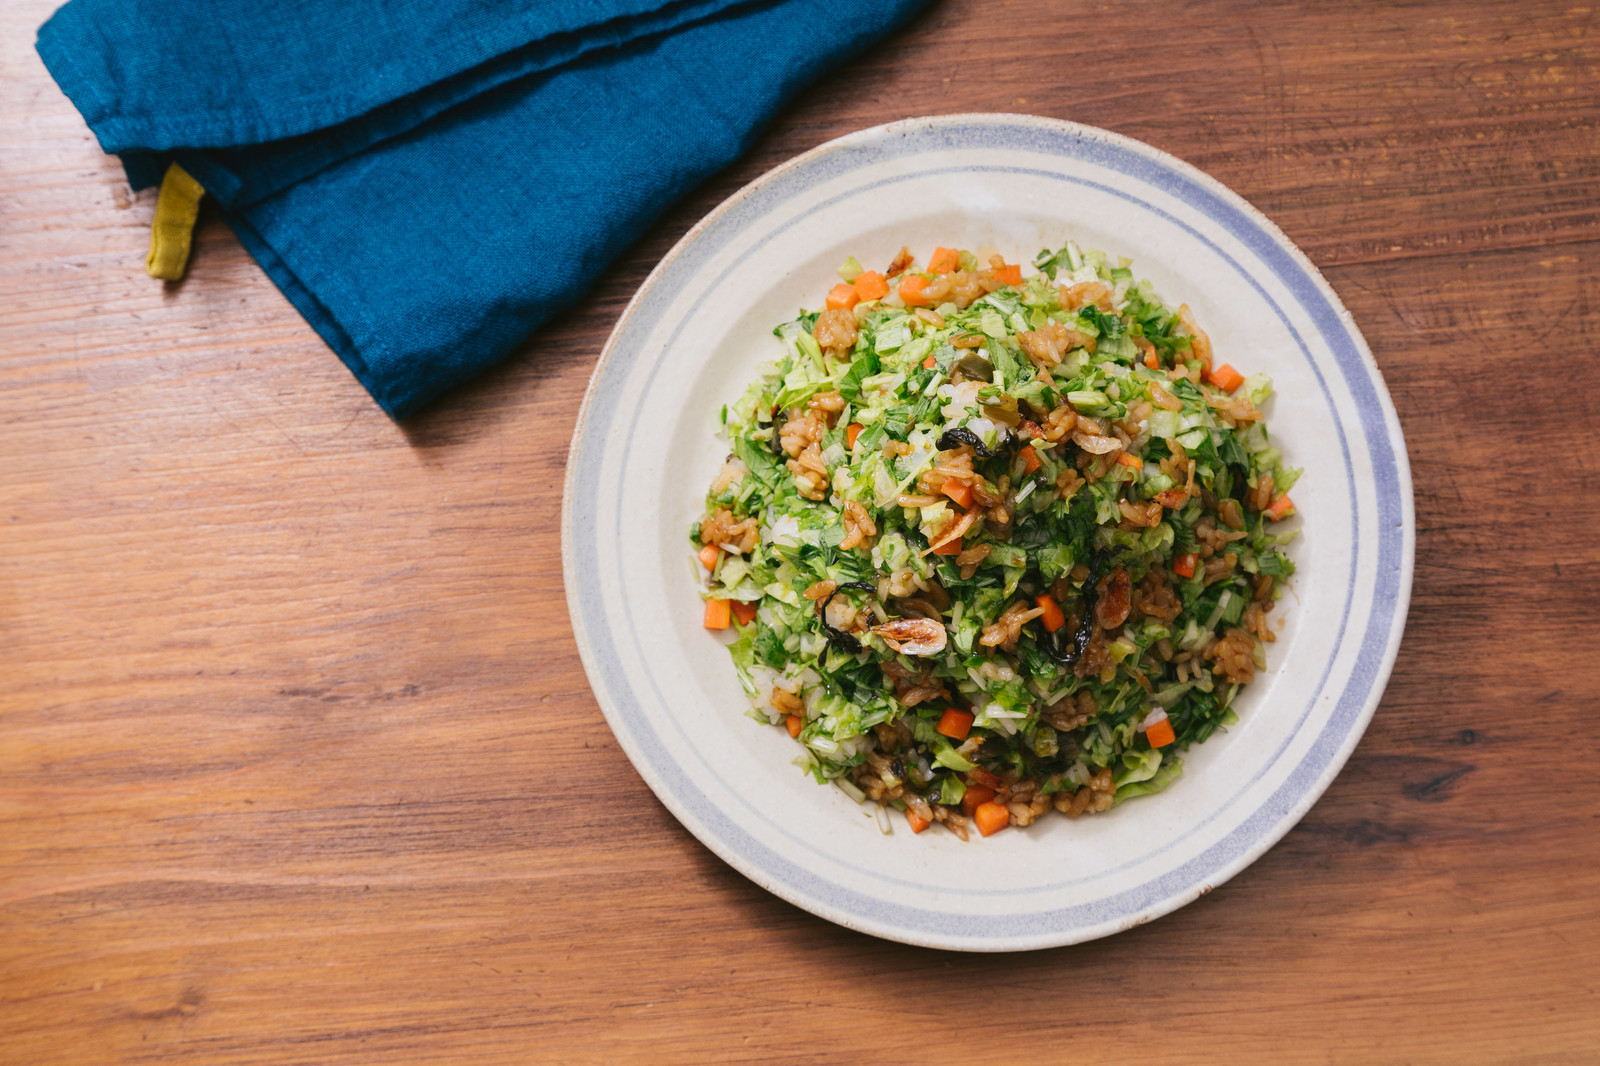 「シャッキシャキの野菜と高菜のうま味!「大盛りダイエット高菜チャーハン」シャッキシャキの野菜と高菜のうま味!「大盛りダイエット高菜チャーハン」」のフリー写真素材を拡大